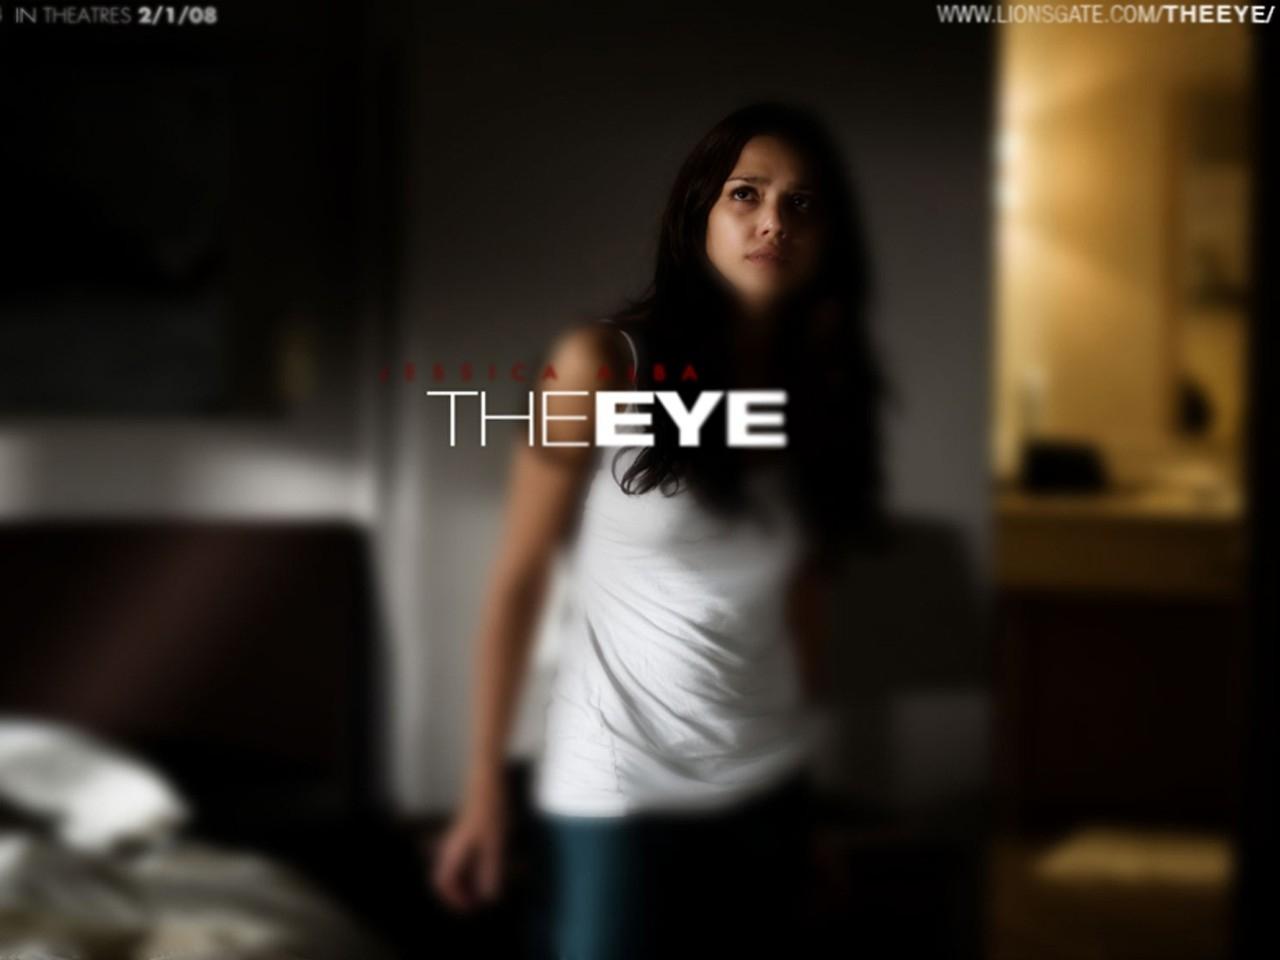 Wallpaper del film The Eye con Jessica Alba